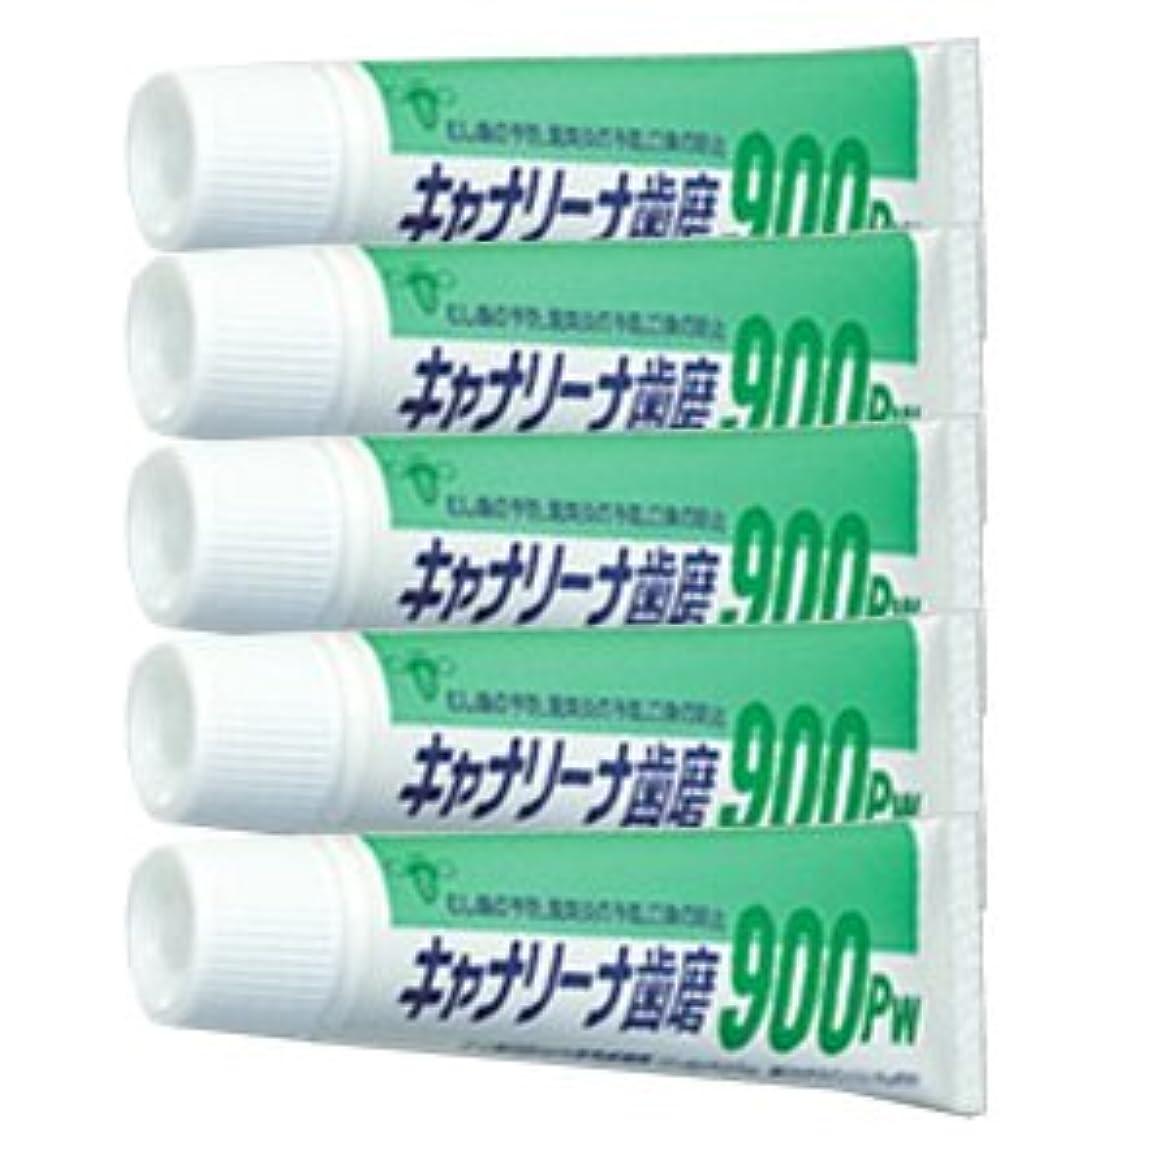 典型的なヒューマニスティック群衆ビーブランド キャナリーナ 歯磨 900Pw × 5本セット 医薬部外品